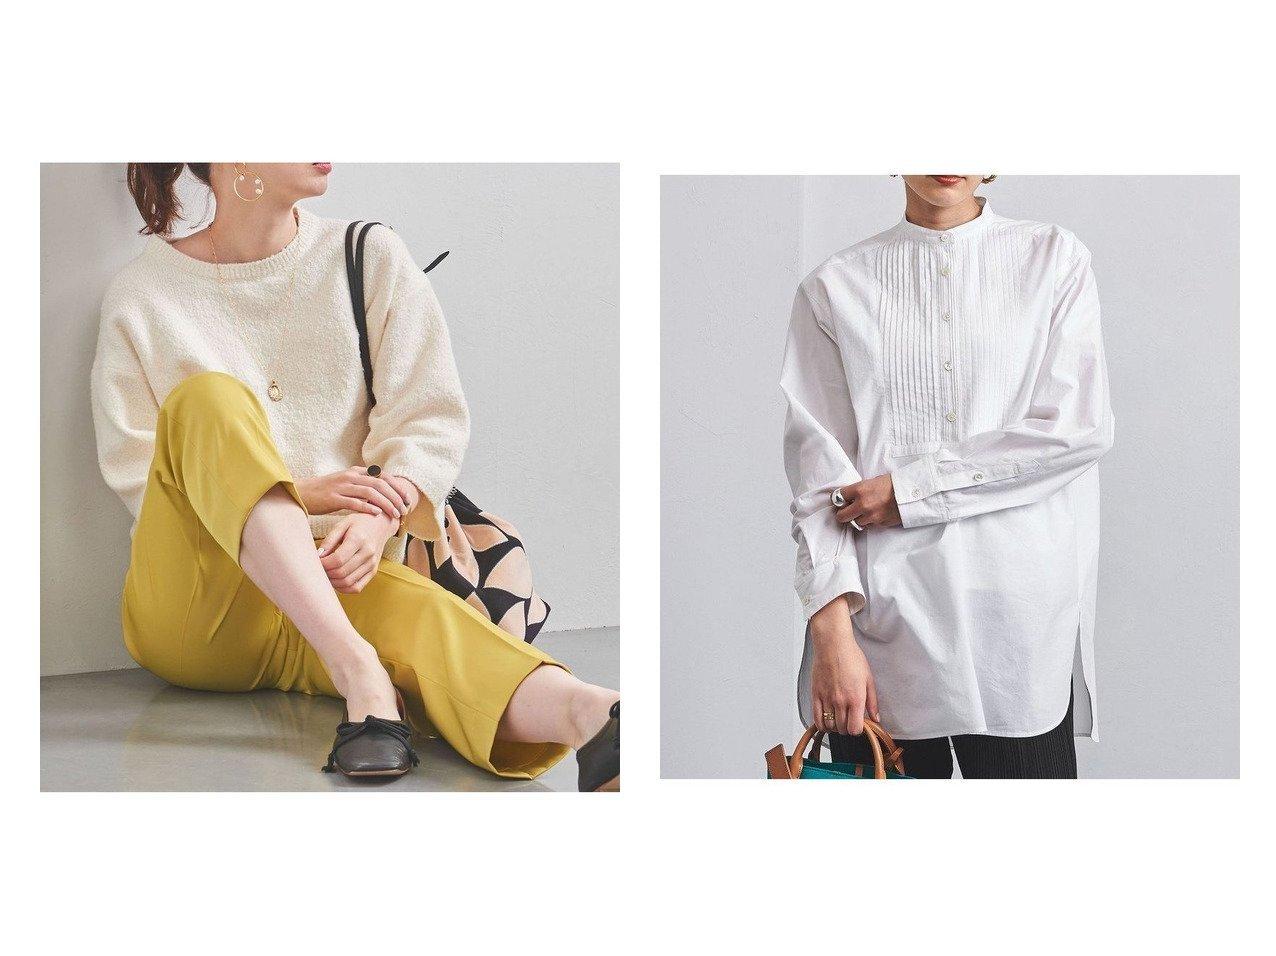 【UNITED ARROWS/ユナイテッドアローズ】のUBC ブークレ ワイドスリーブ ニット&SI ピンタック チュニック† トップス・カットソーのおすすめ!人気、トレンド・レディースファッションの通販 おすすめで人気の流行・トレンド、ファッションの通販商品 メンズファッション・キッズファッション・インテリア・家具・レディースファッション・服の通販 founy(ファニー) https://founy.com/ ファッション Fashion レディースファッション WOMEN トップス Tops Tshirt ニット Knit Tops シャツ/ブラウス Shirts Blouses NEW・新作・新着・新入荷 New Arrivals インナー スリーブ バランス フェミニン ワイド 長袖 |ID:crp329100000012008